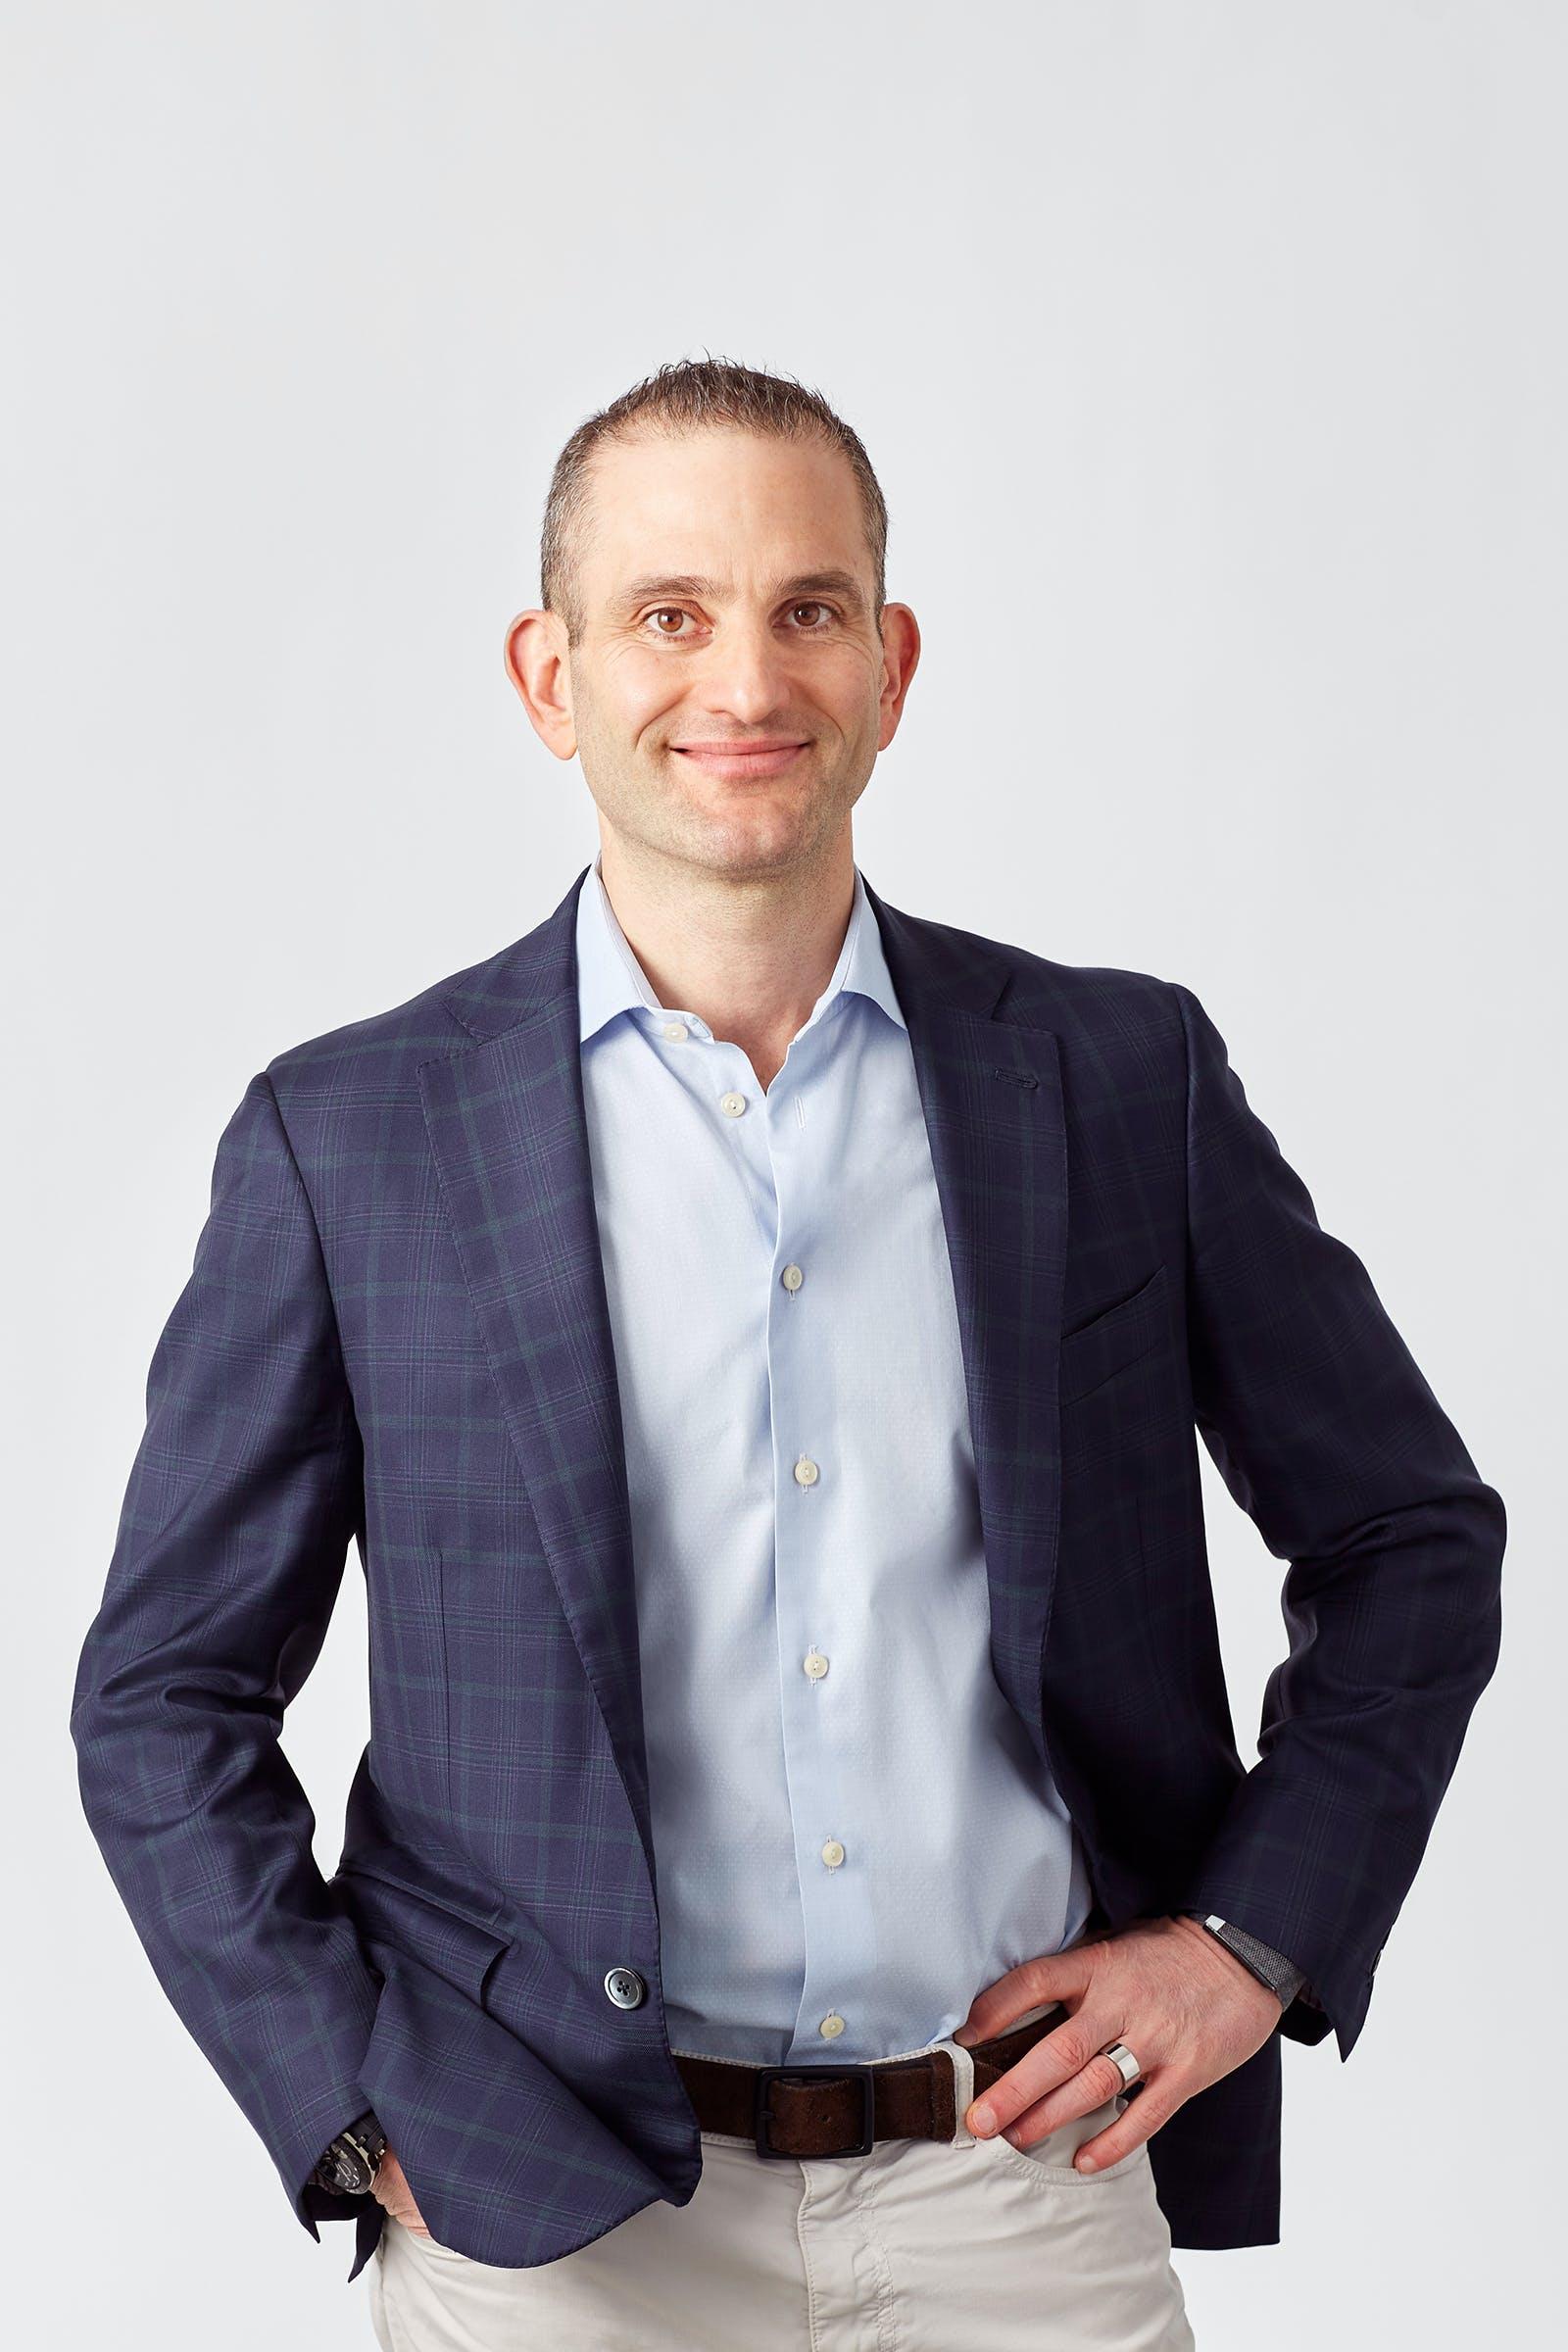 Ben Levin, Director